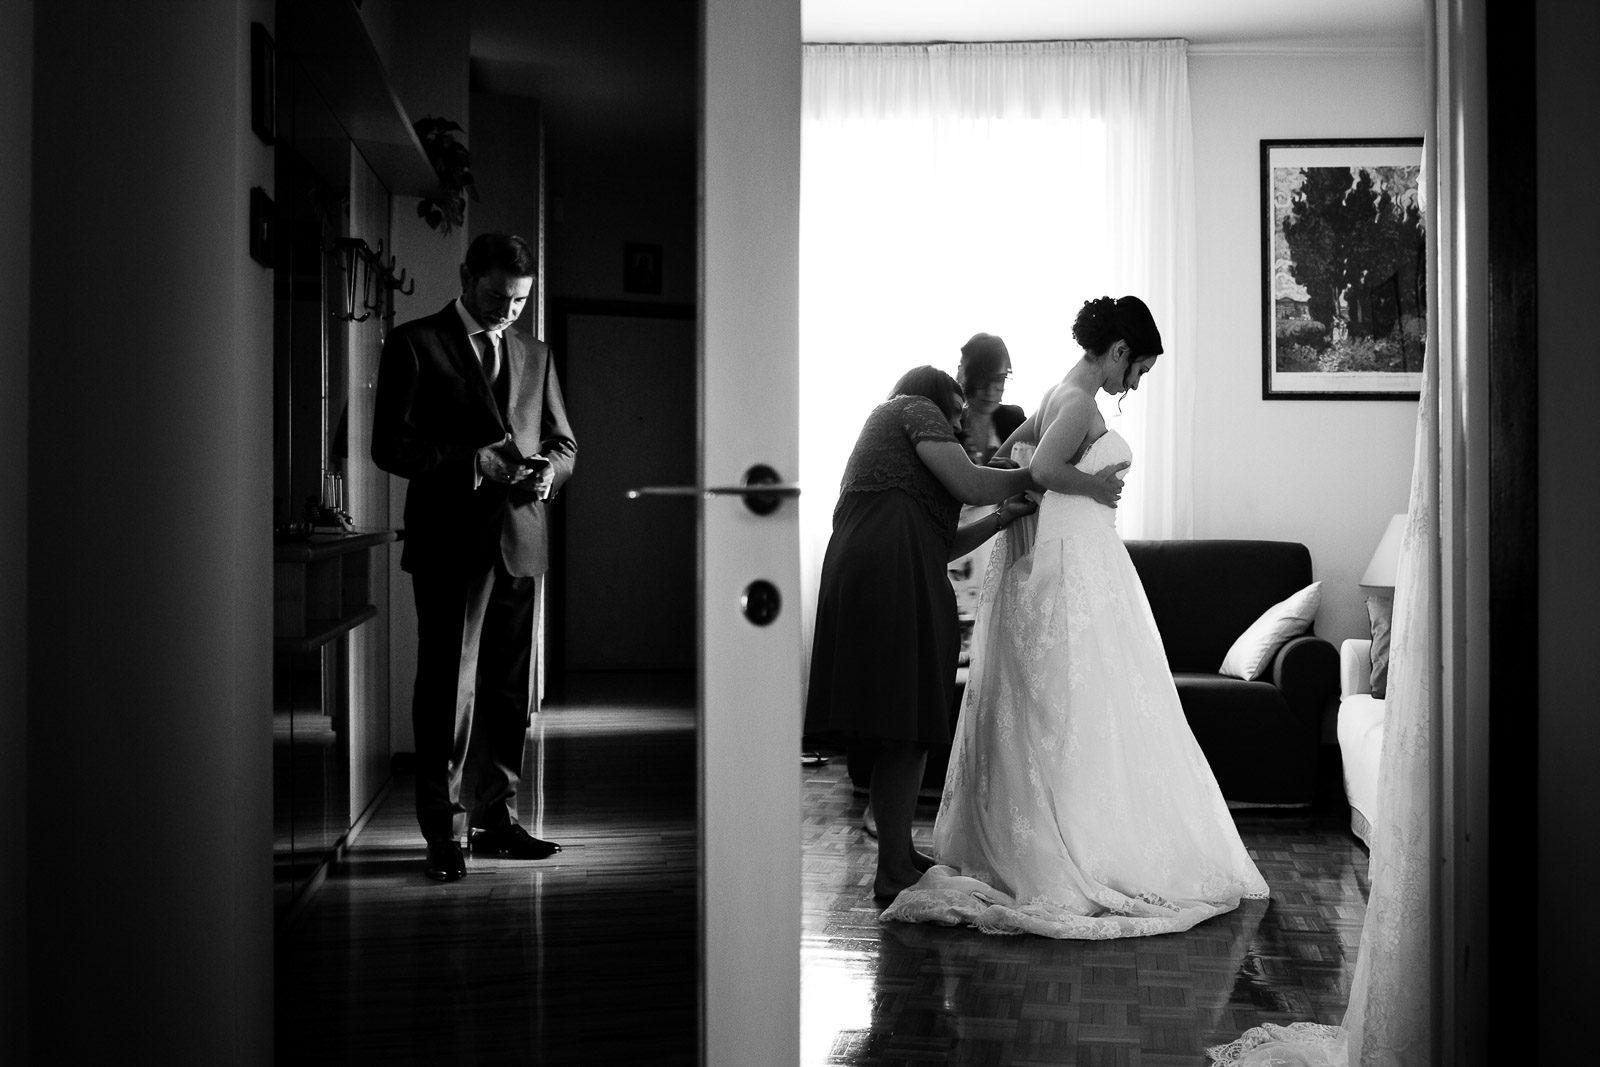 Padre della sposa in attesa. Max Allegritti, Fotografo Professionista di matrimonio a Milano e Monza